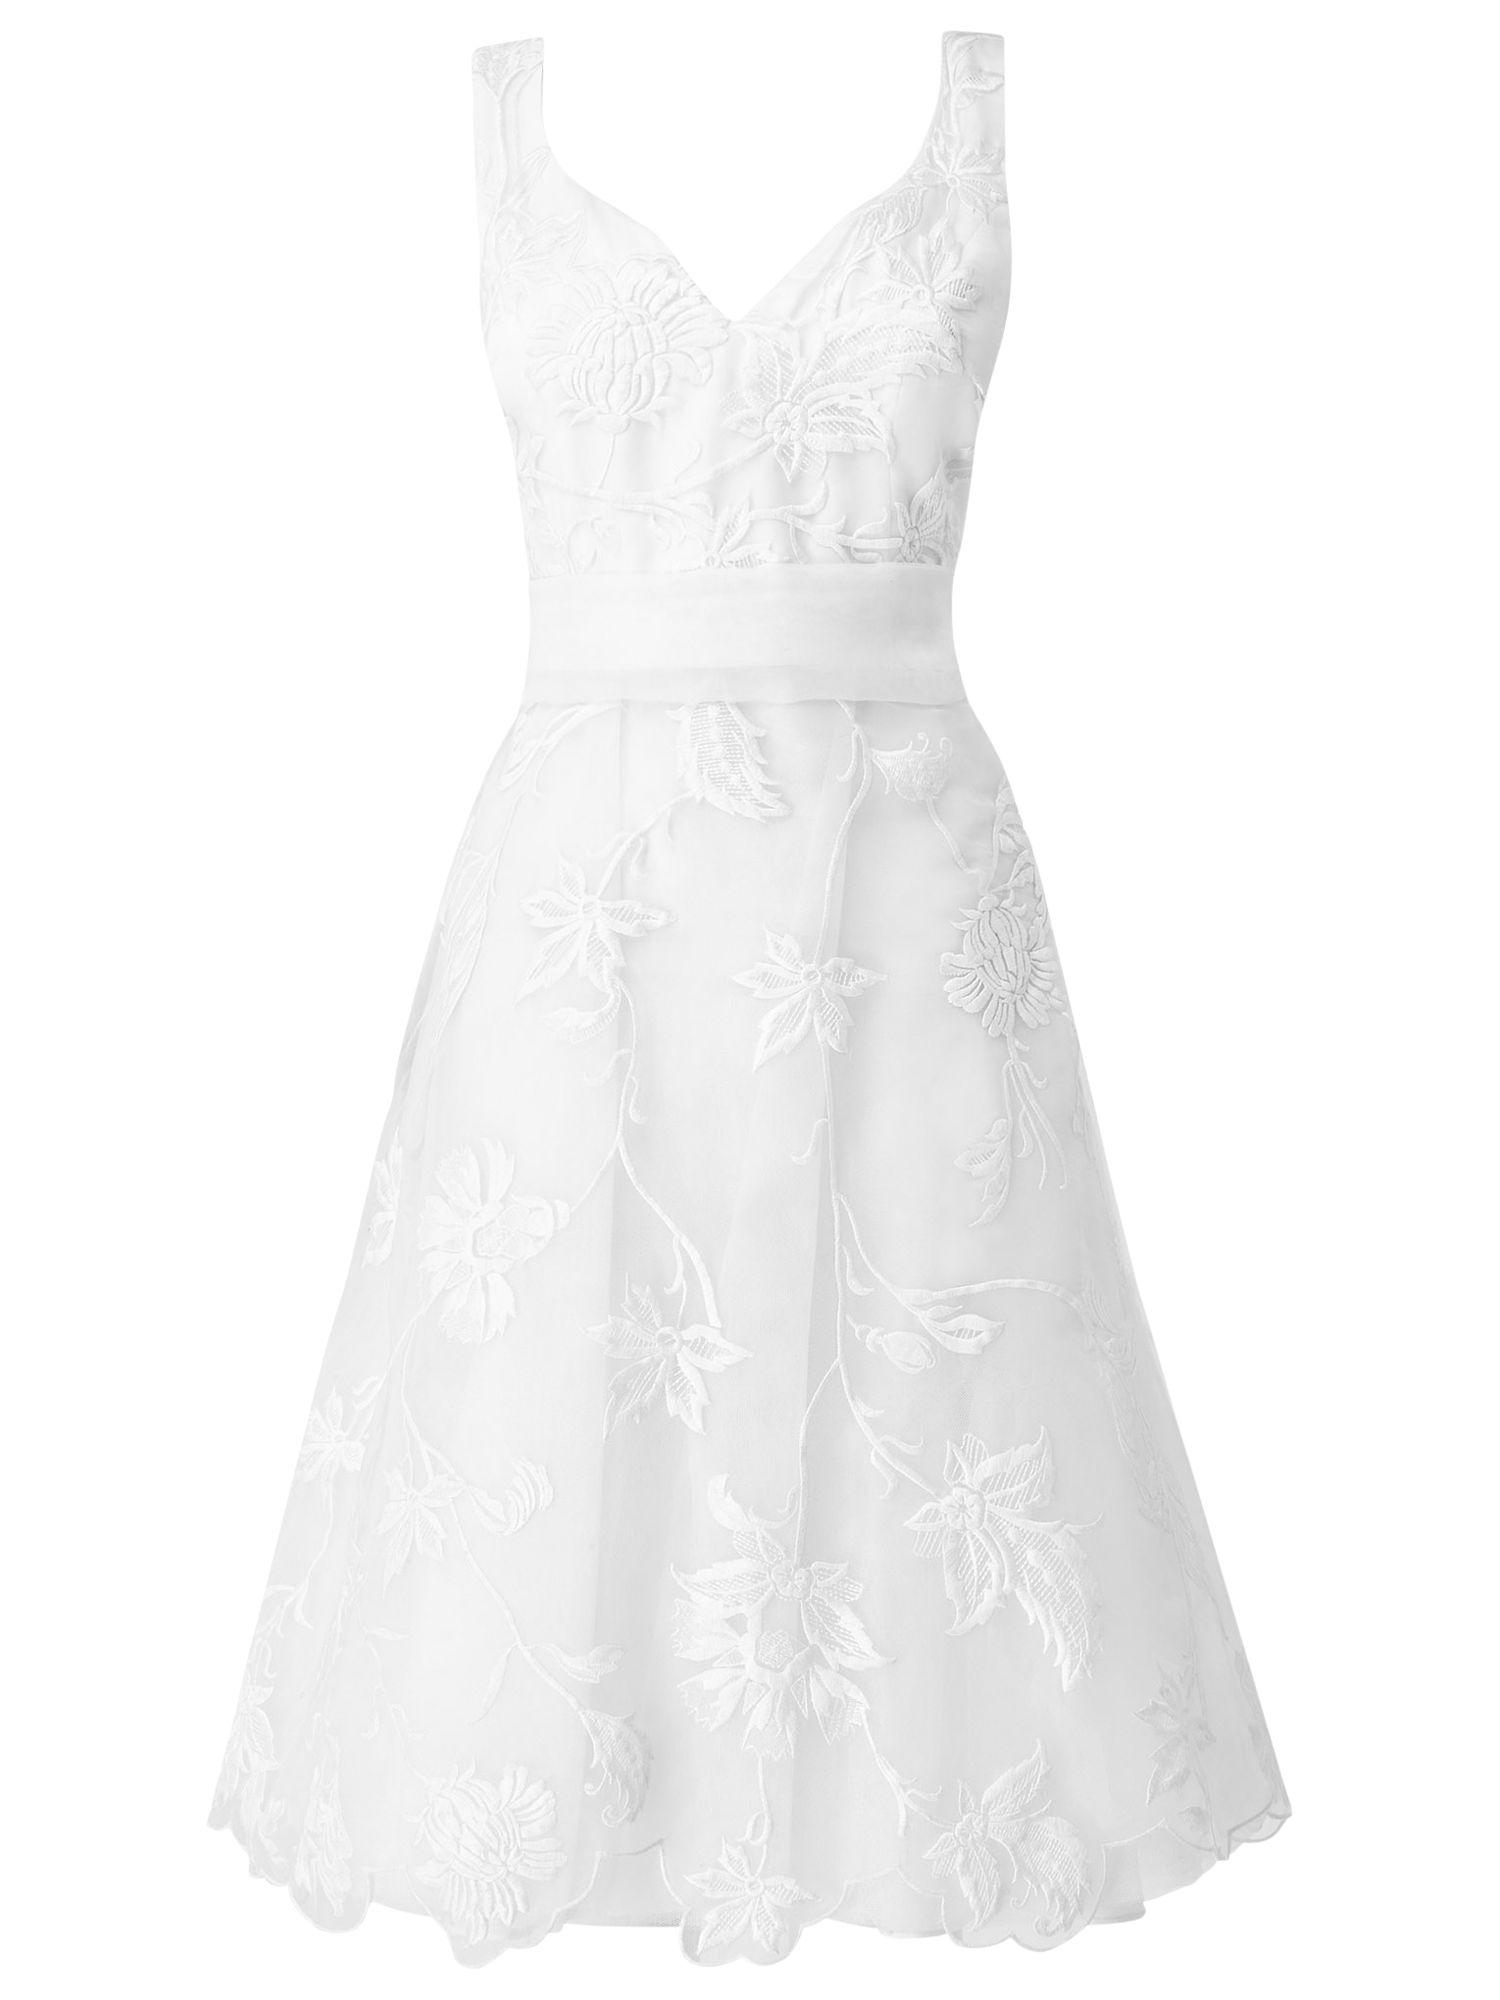 Phase eight isadora wedding dress ivory for John lewis wedding dresses